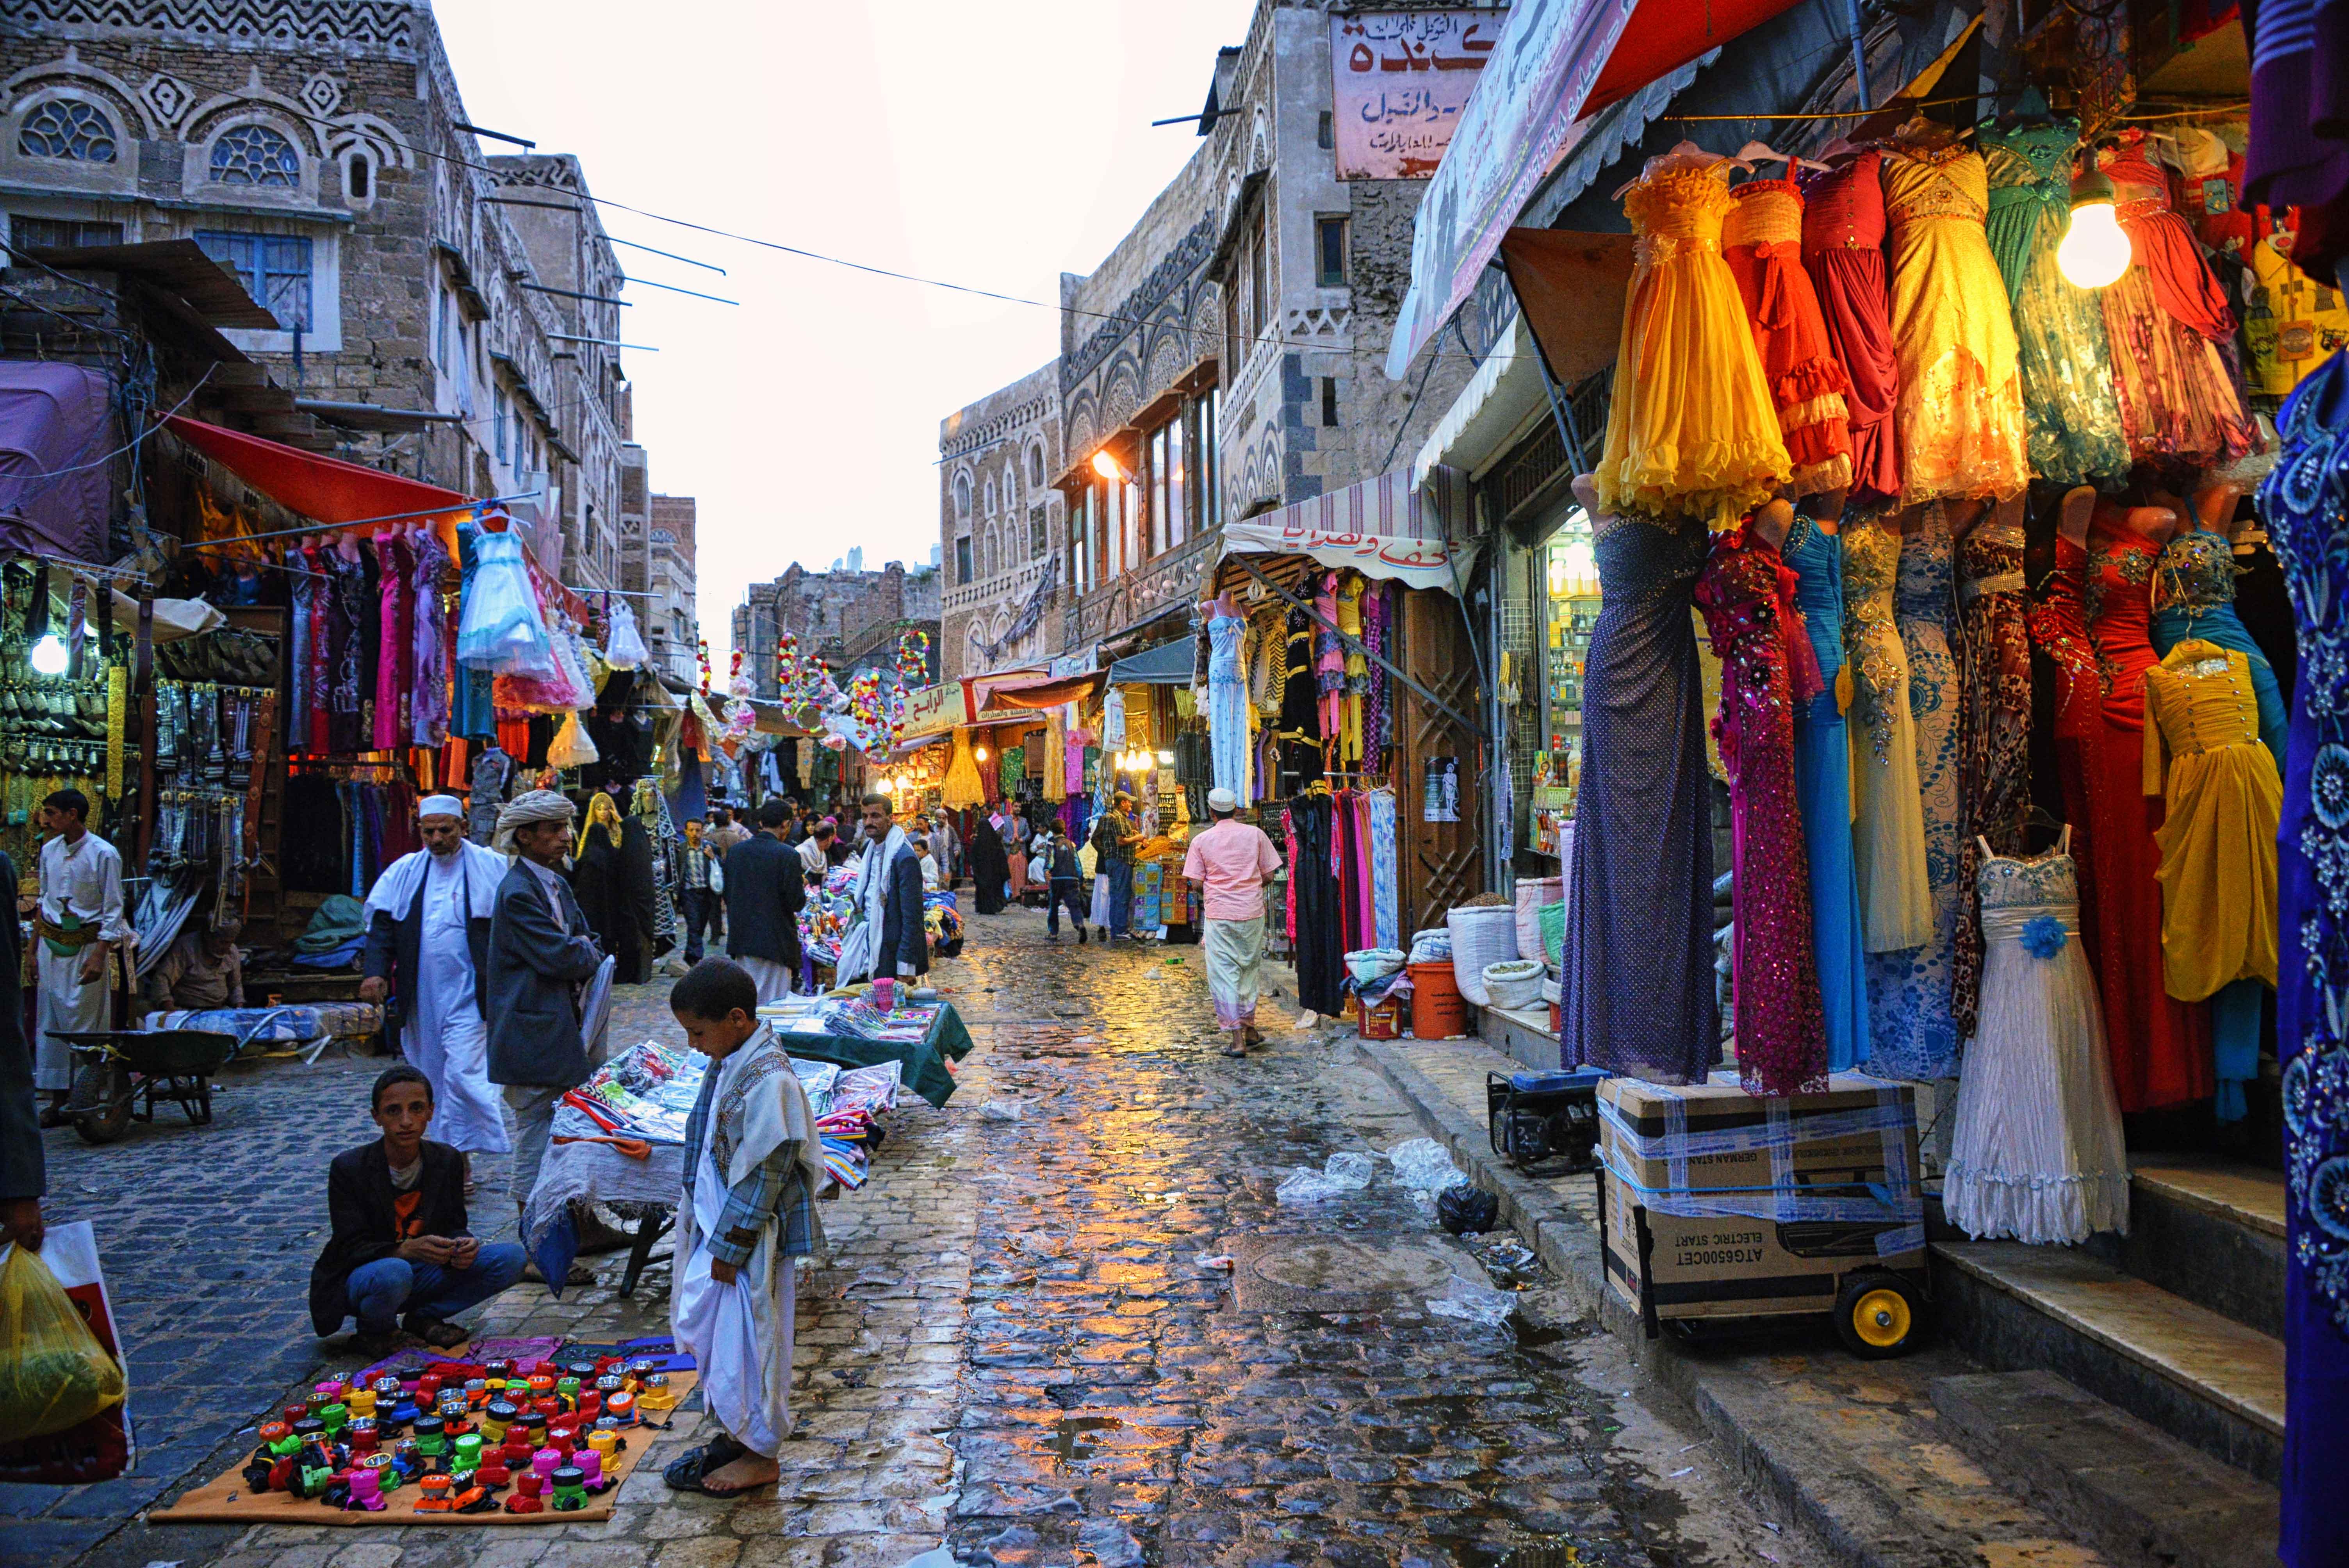 Old_City_Market%2C_Sanaa_%2810035332343%29.jpg